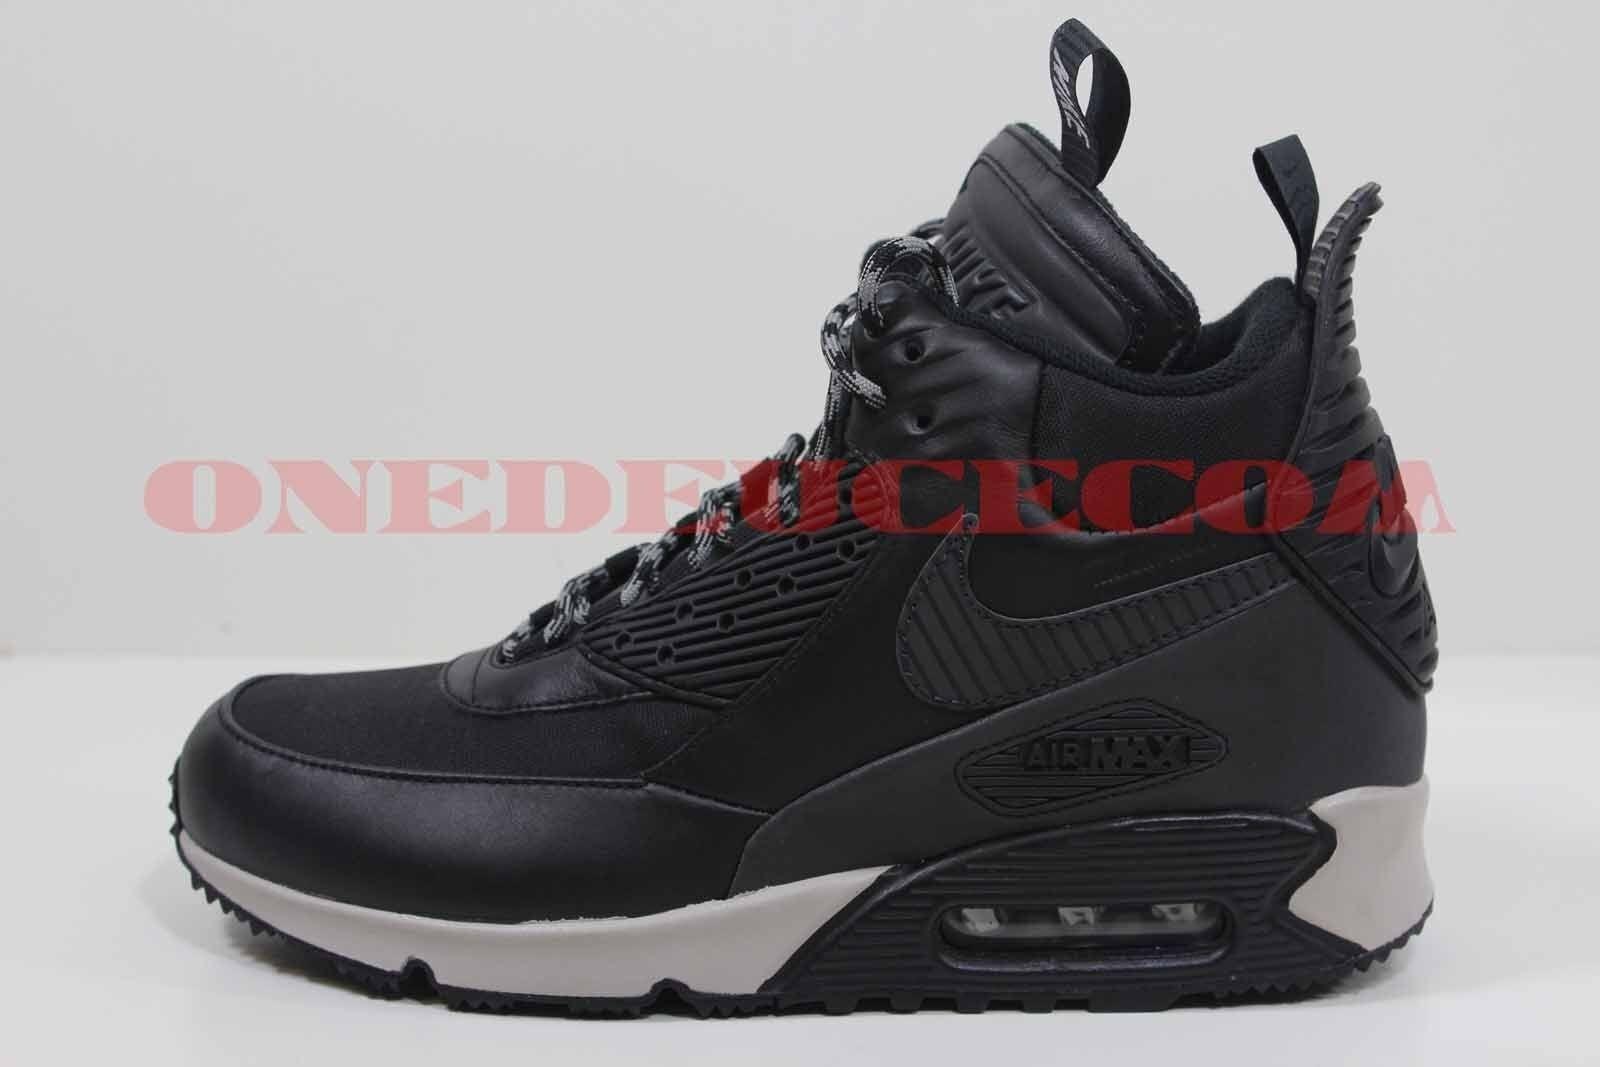 wntr noir nike air max 90 sneakerboot aimant grey de 684714 001 confortable spéciaux de grey durée limitée 6a64bf